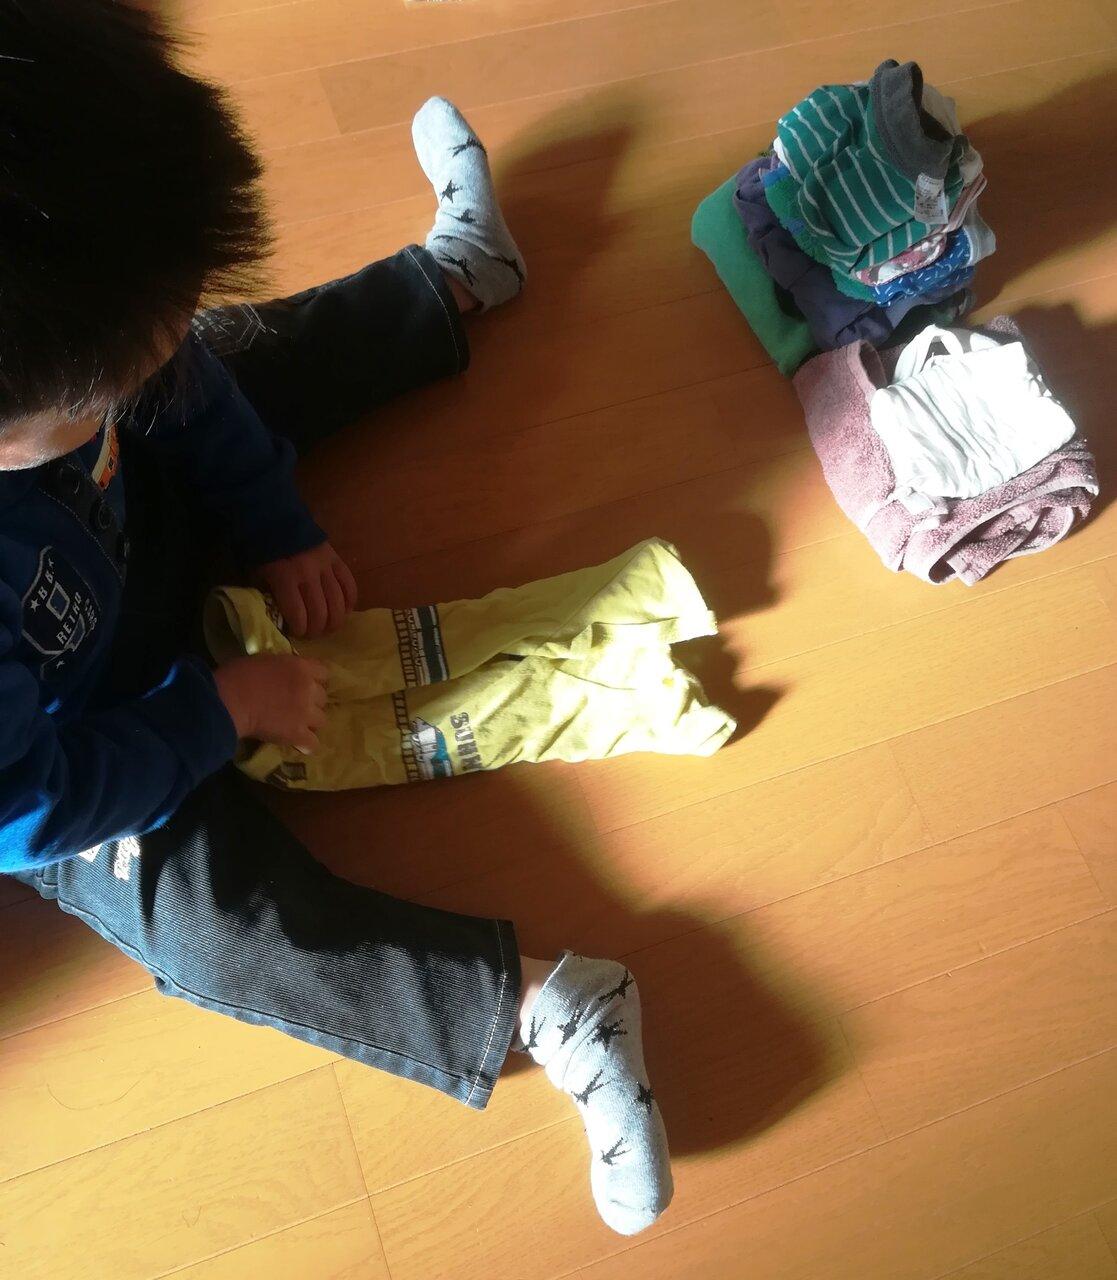 きっちり洋服を畳む。3歳10ヵ月 男子。環境を整えて優しく見守ってきた大人がいるから、心が育つ